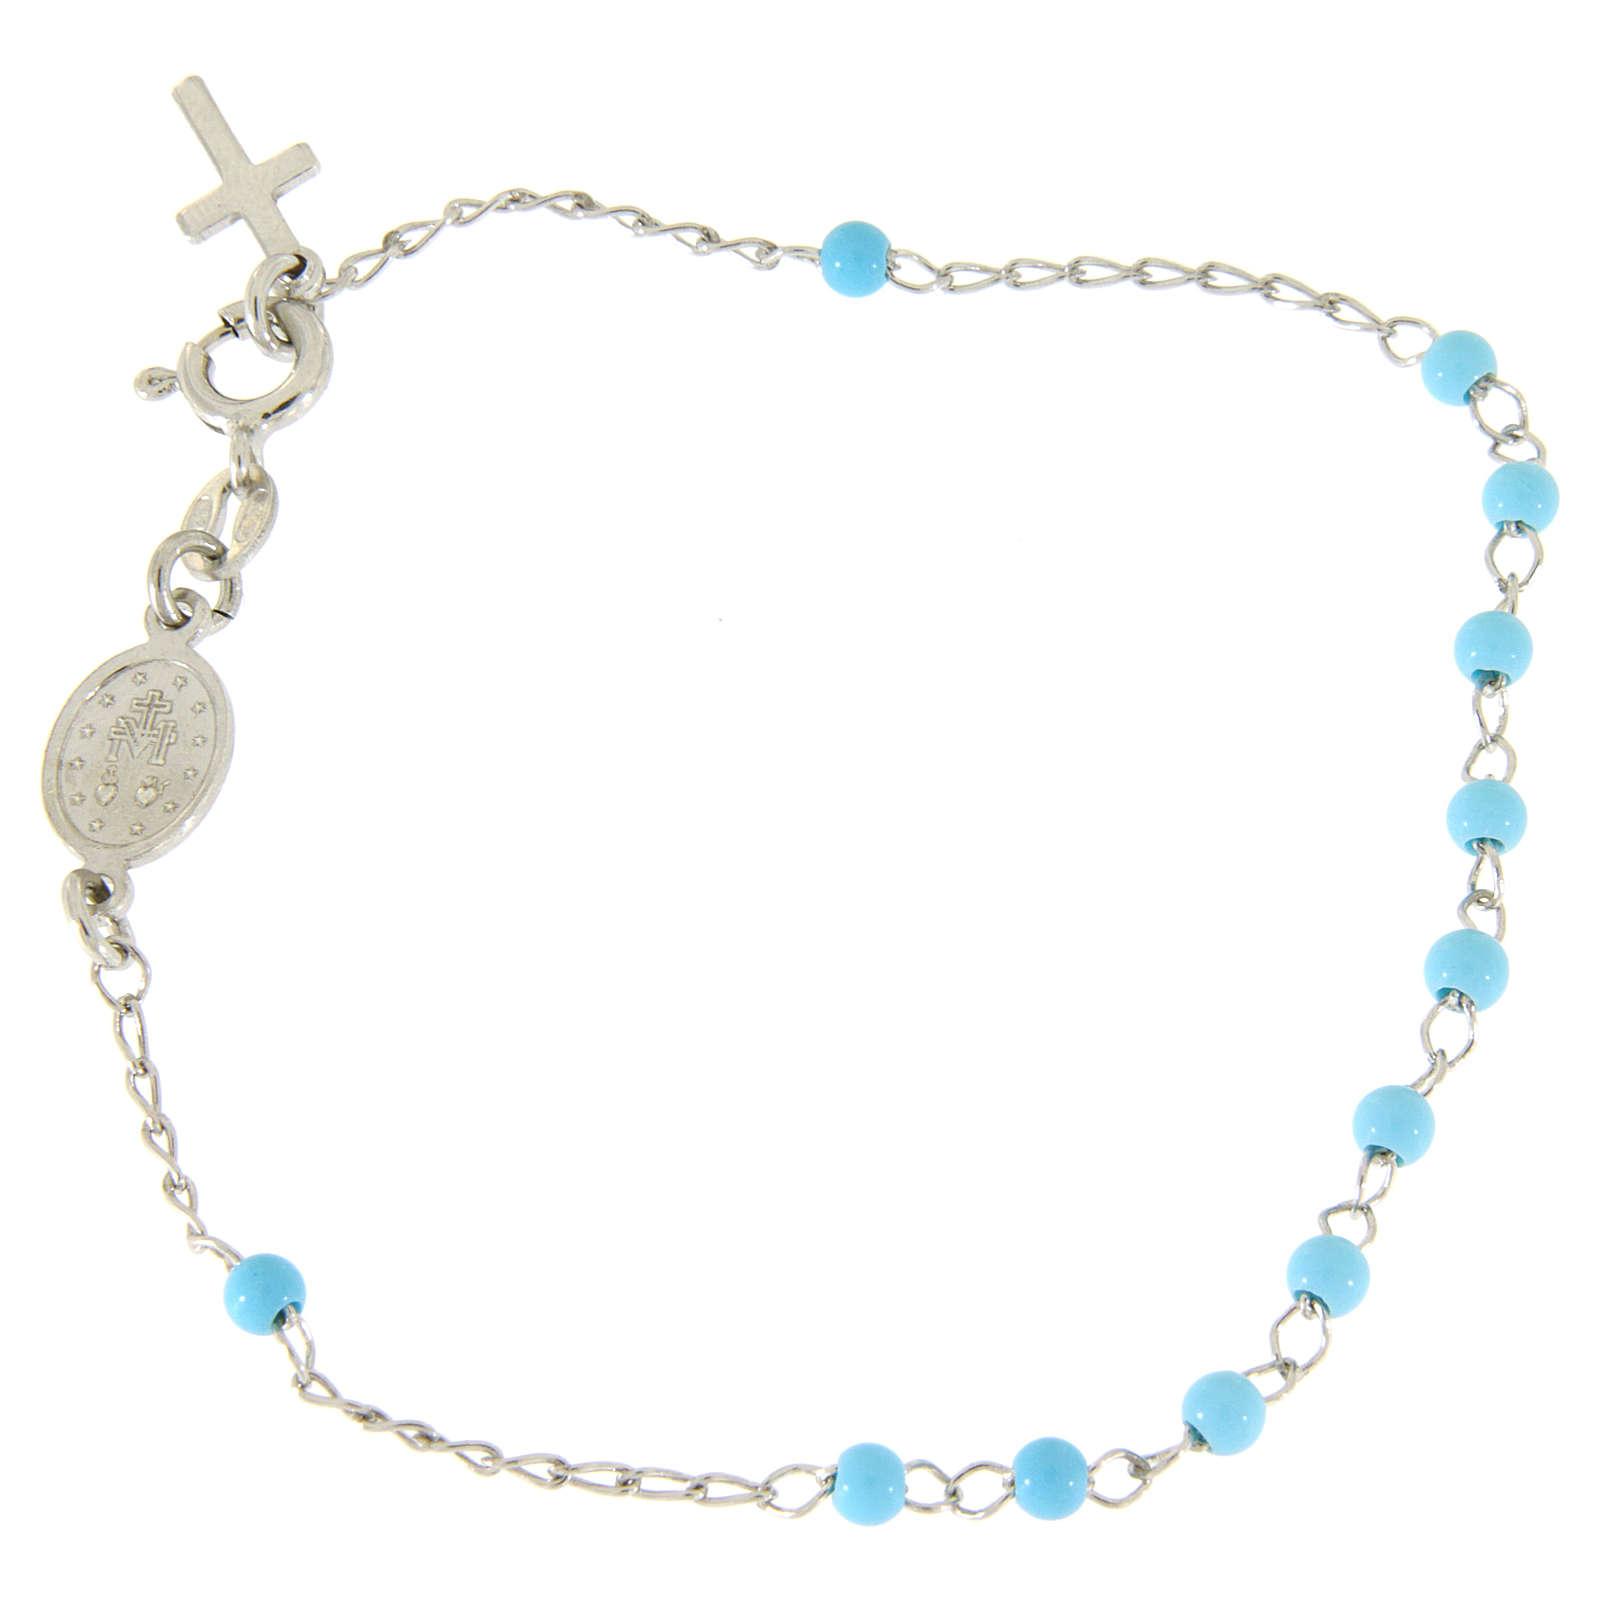 Bracciale rosario sfera azzurra 4 mm e catenina silver 4